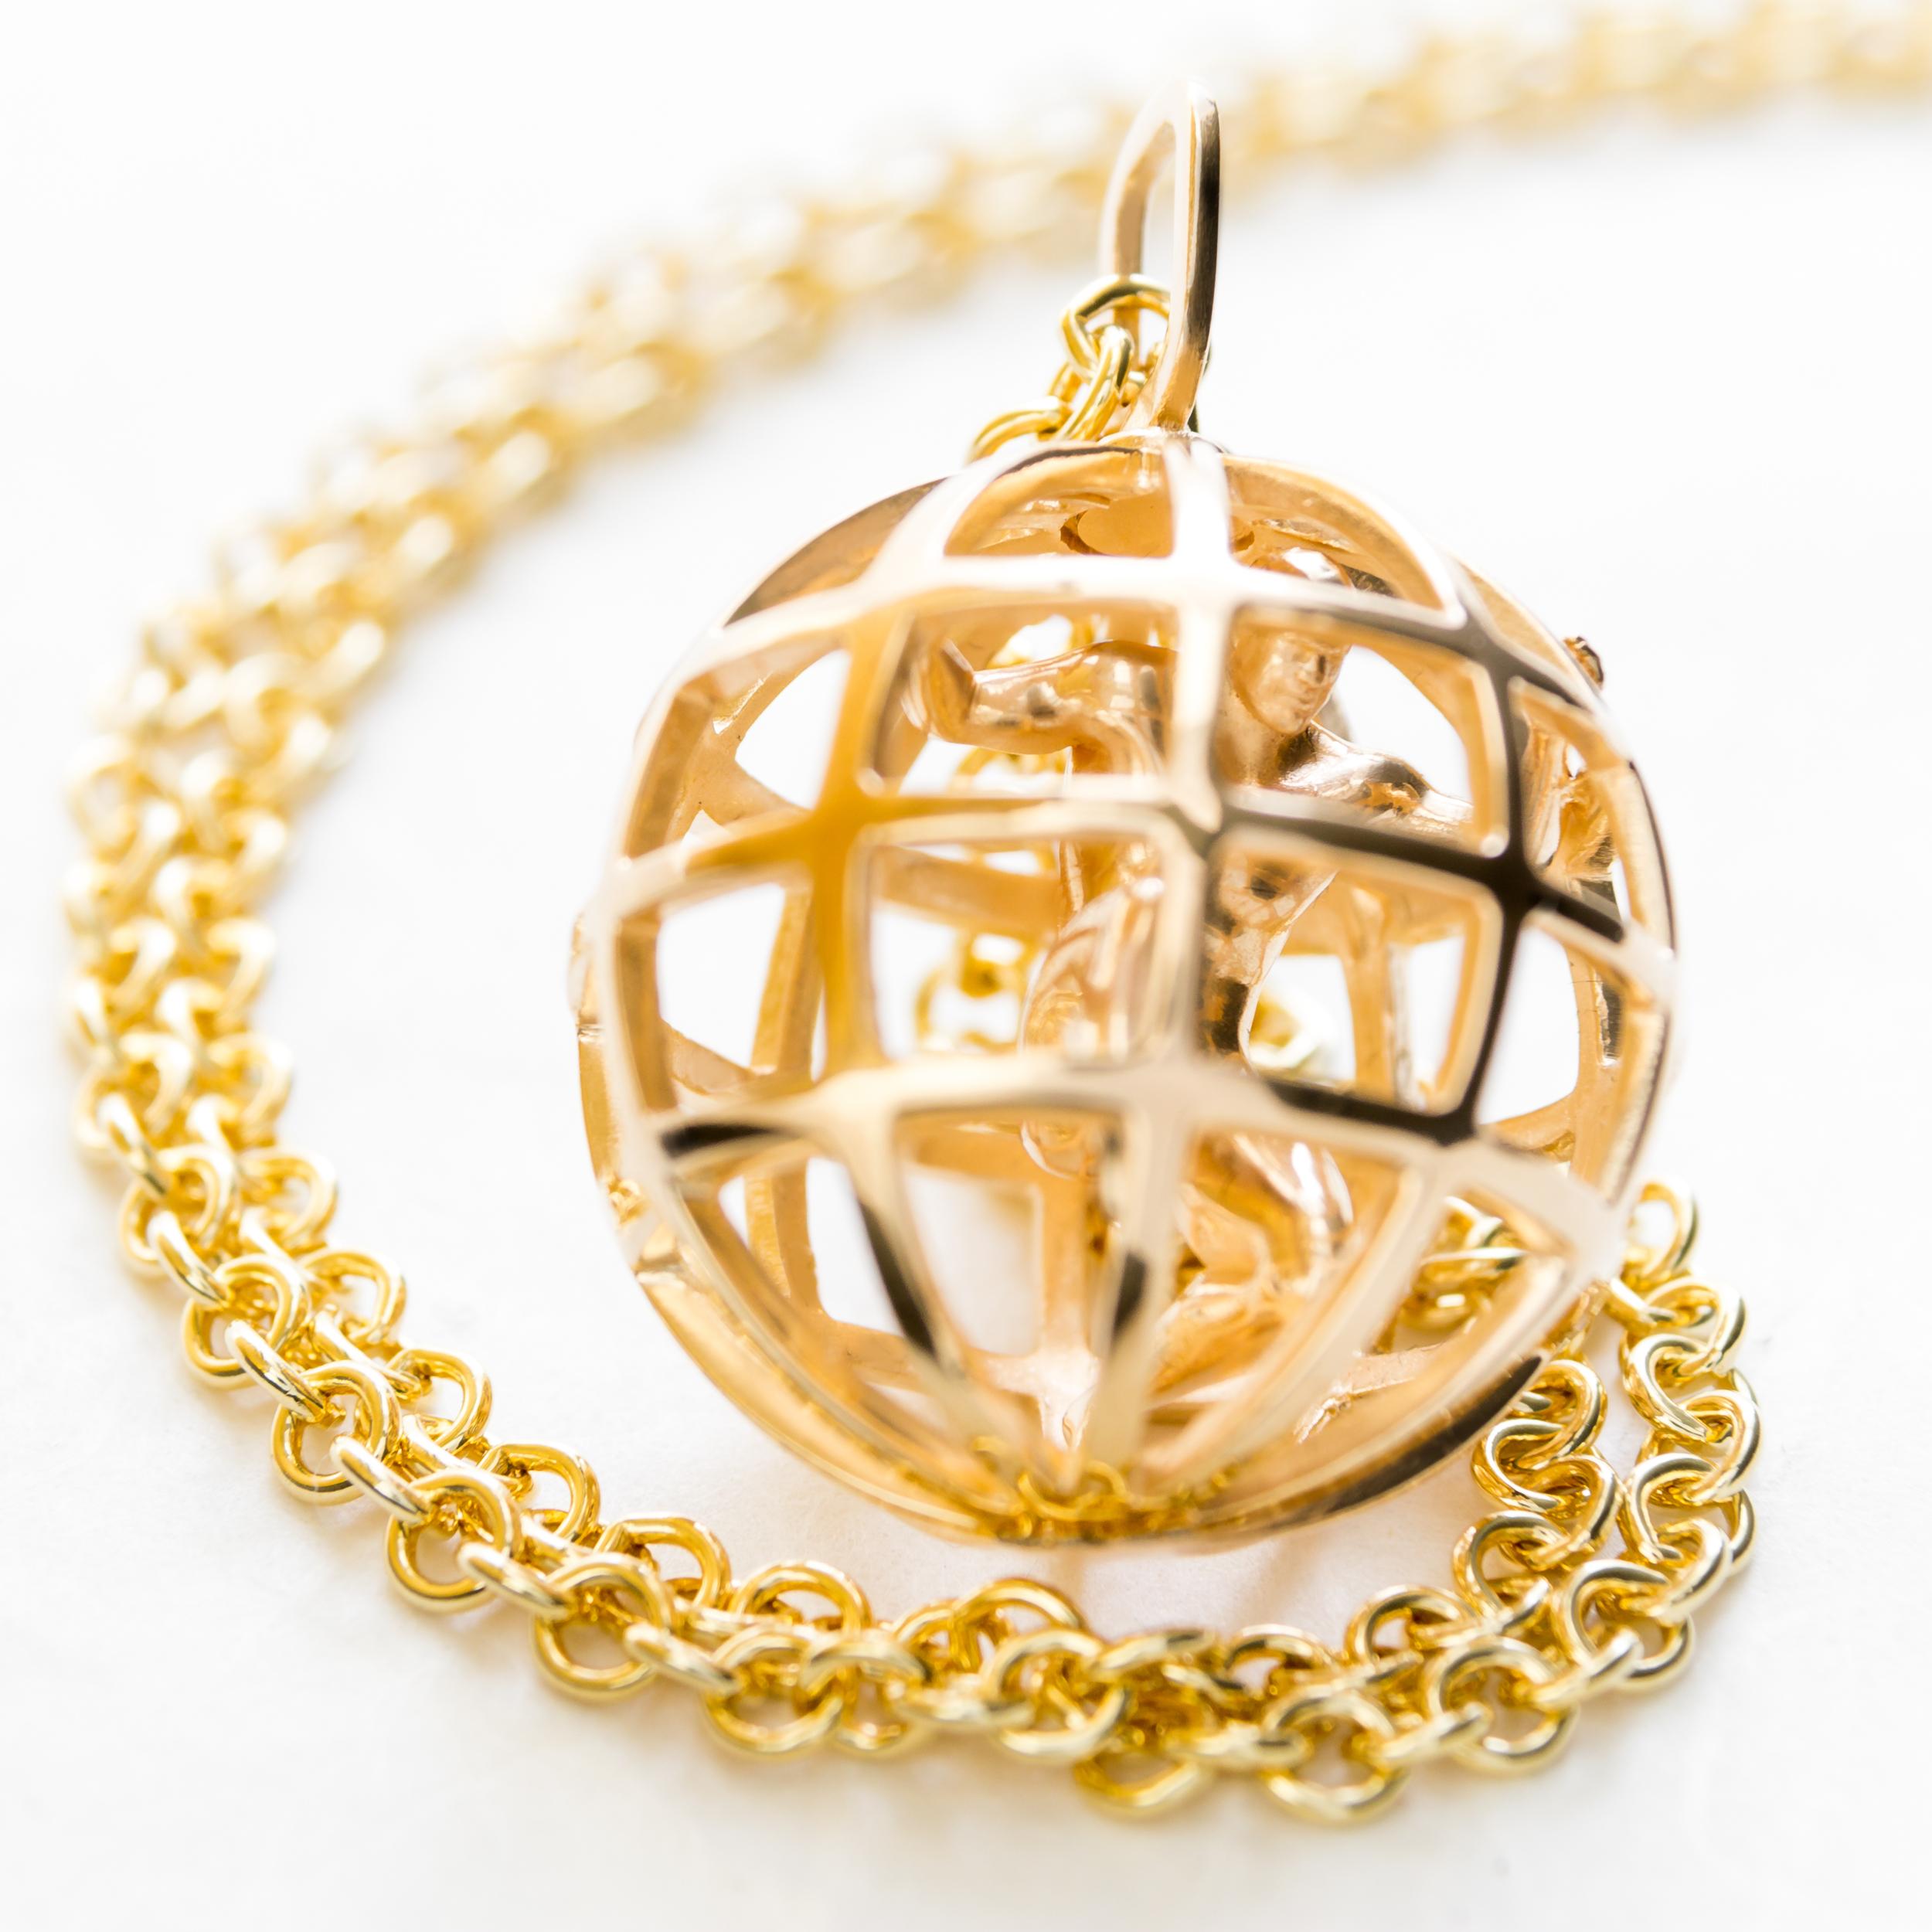 SOO_Atlas_Gold_Chain_Detail.jpg